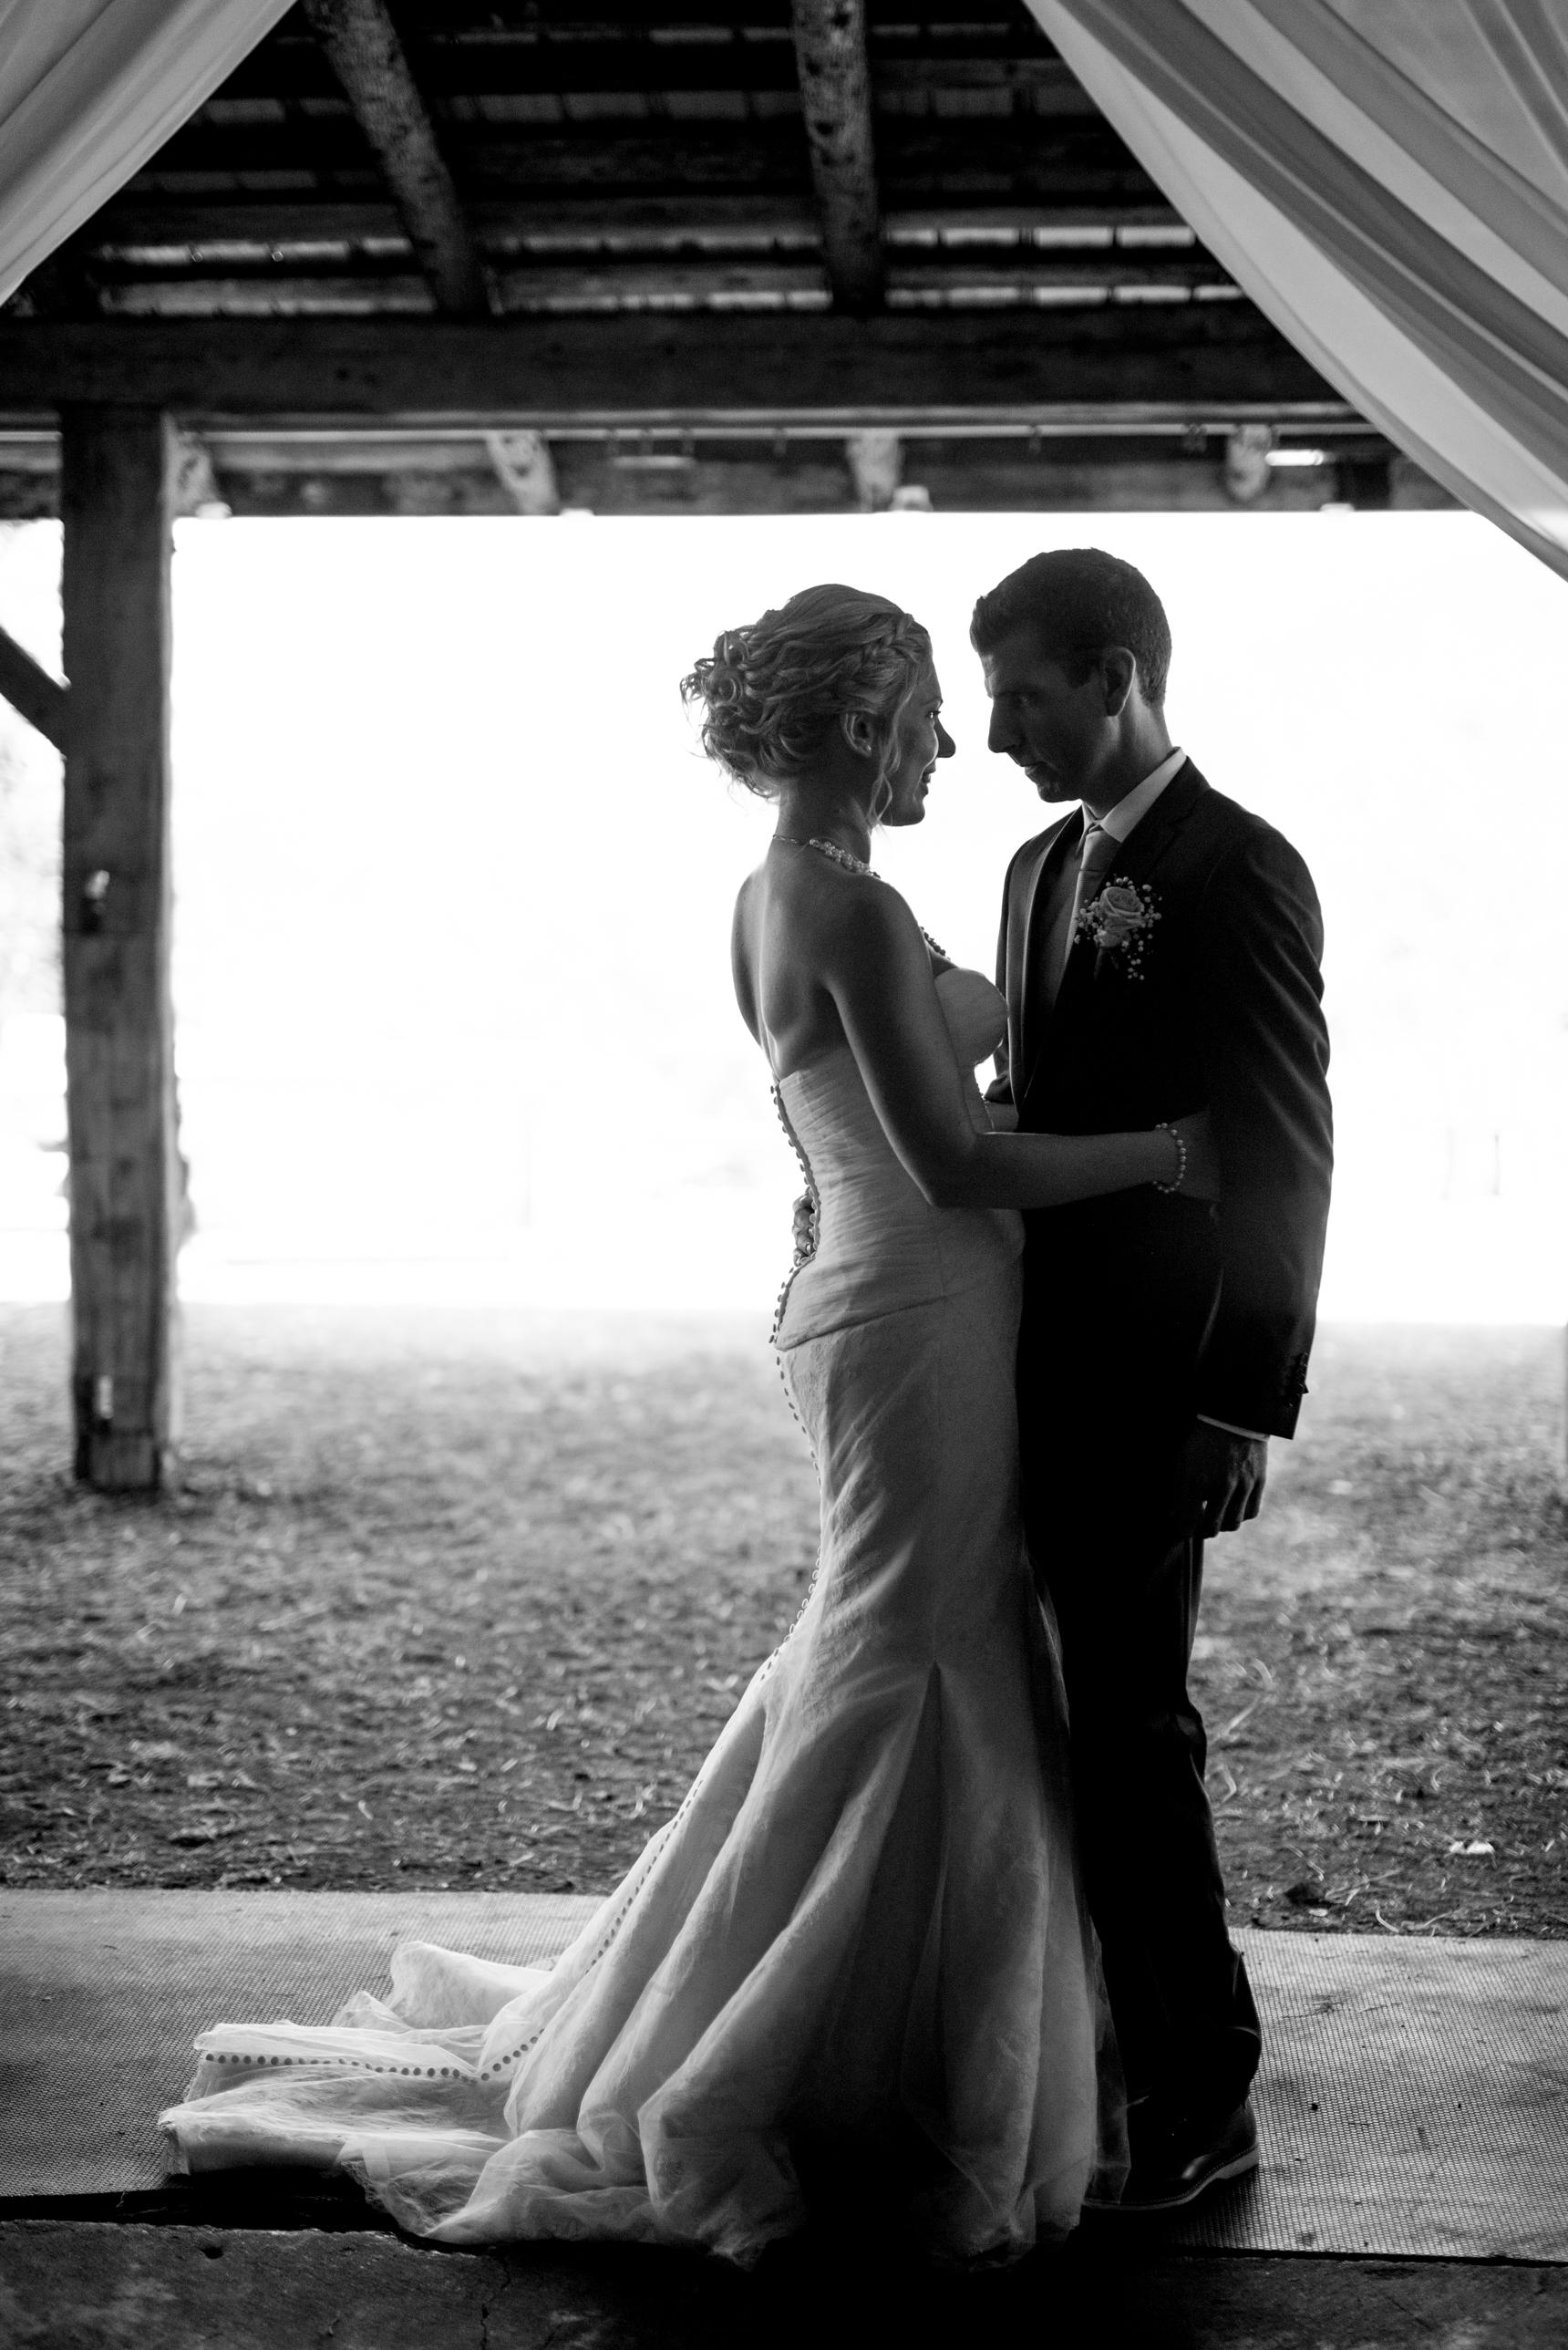 mariage-jude-pomme-photo-marie-eve-nagant-photographe-2.jpg